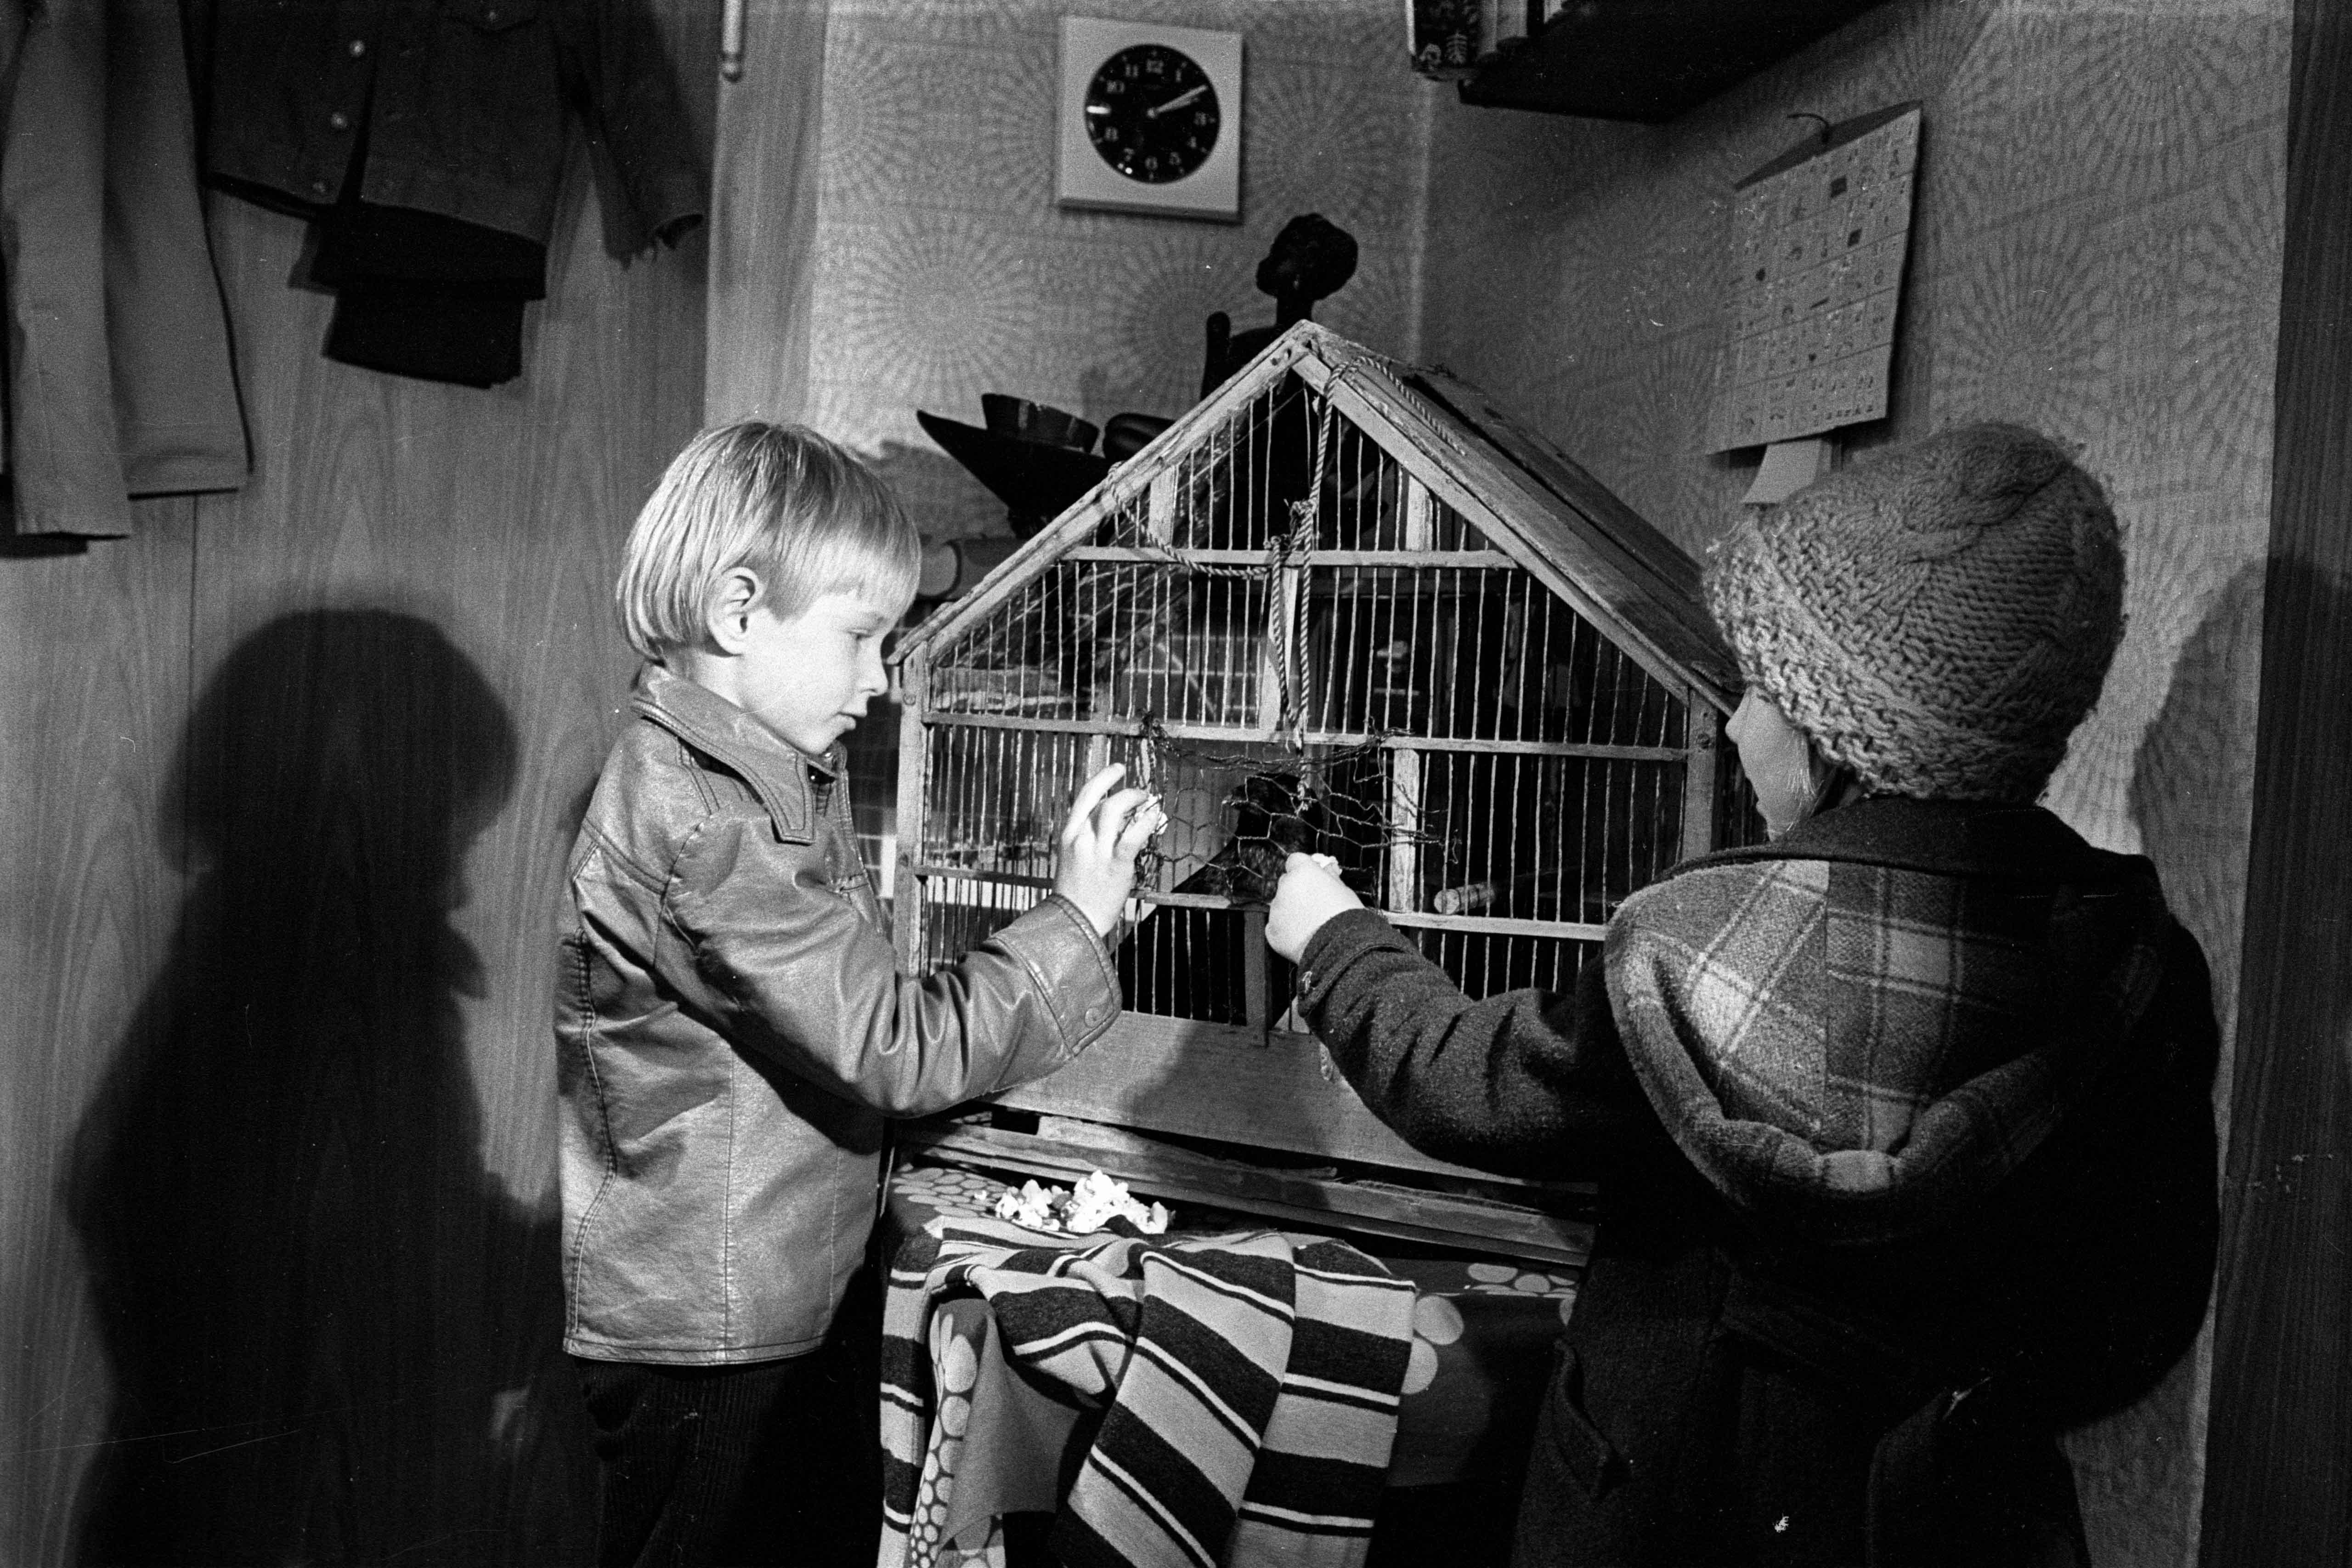 Still from the film Mit mir will keiner spielen